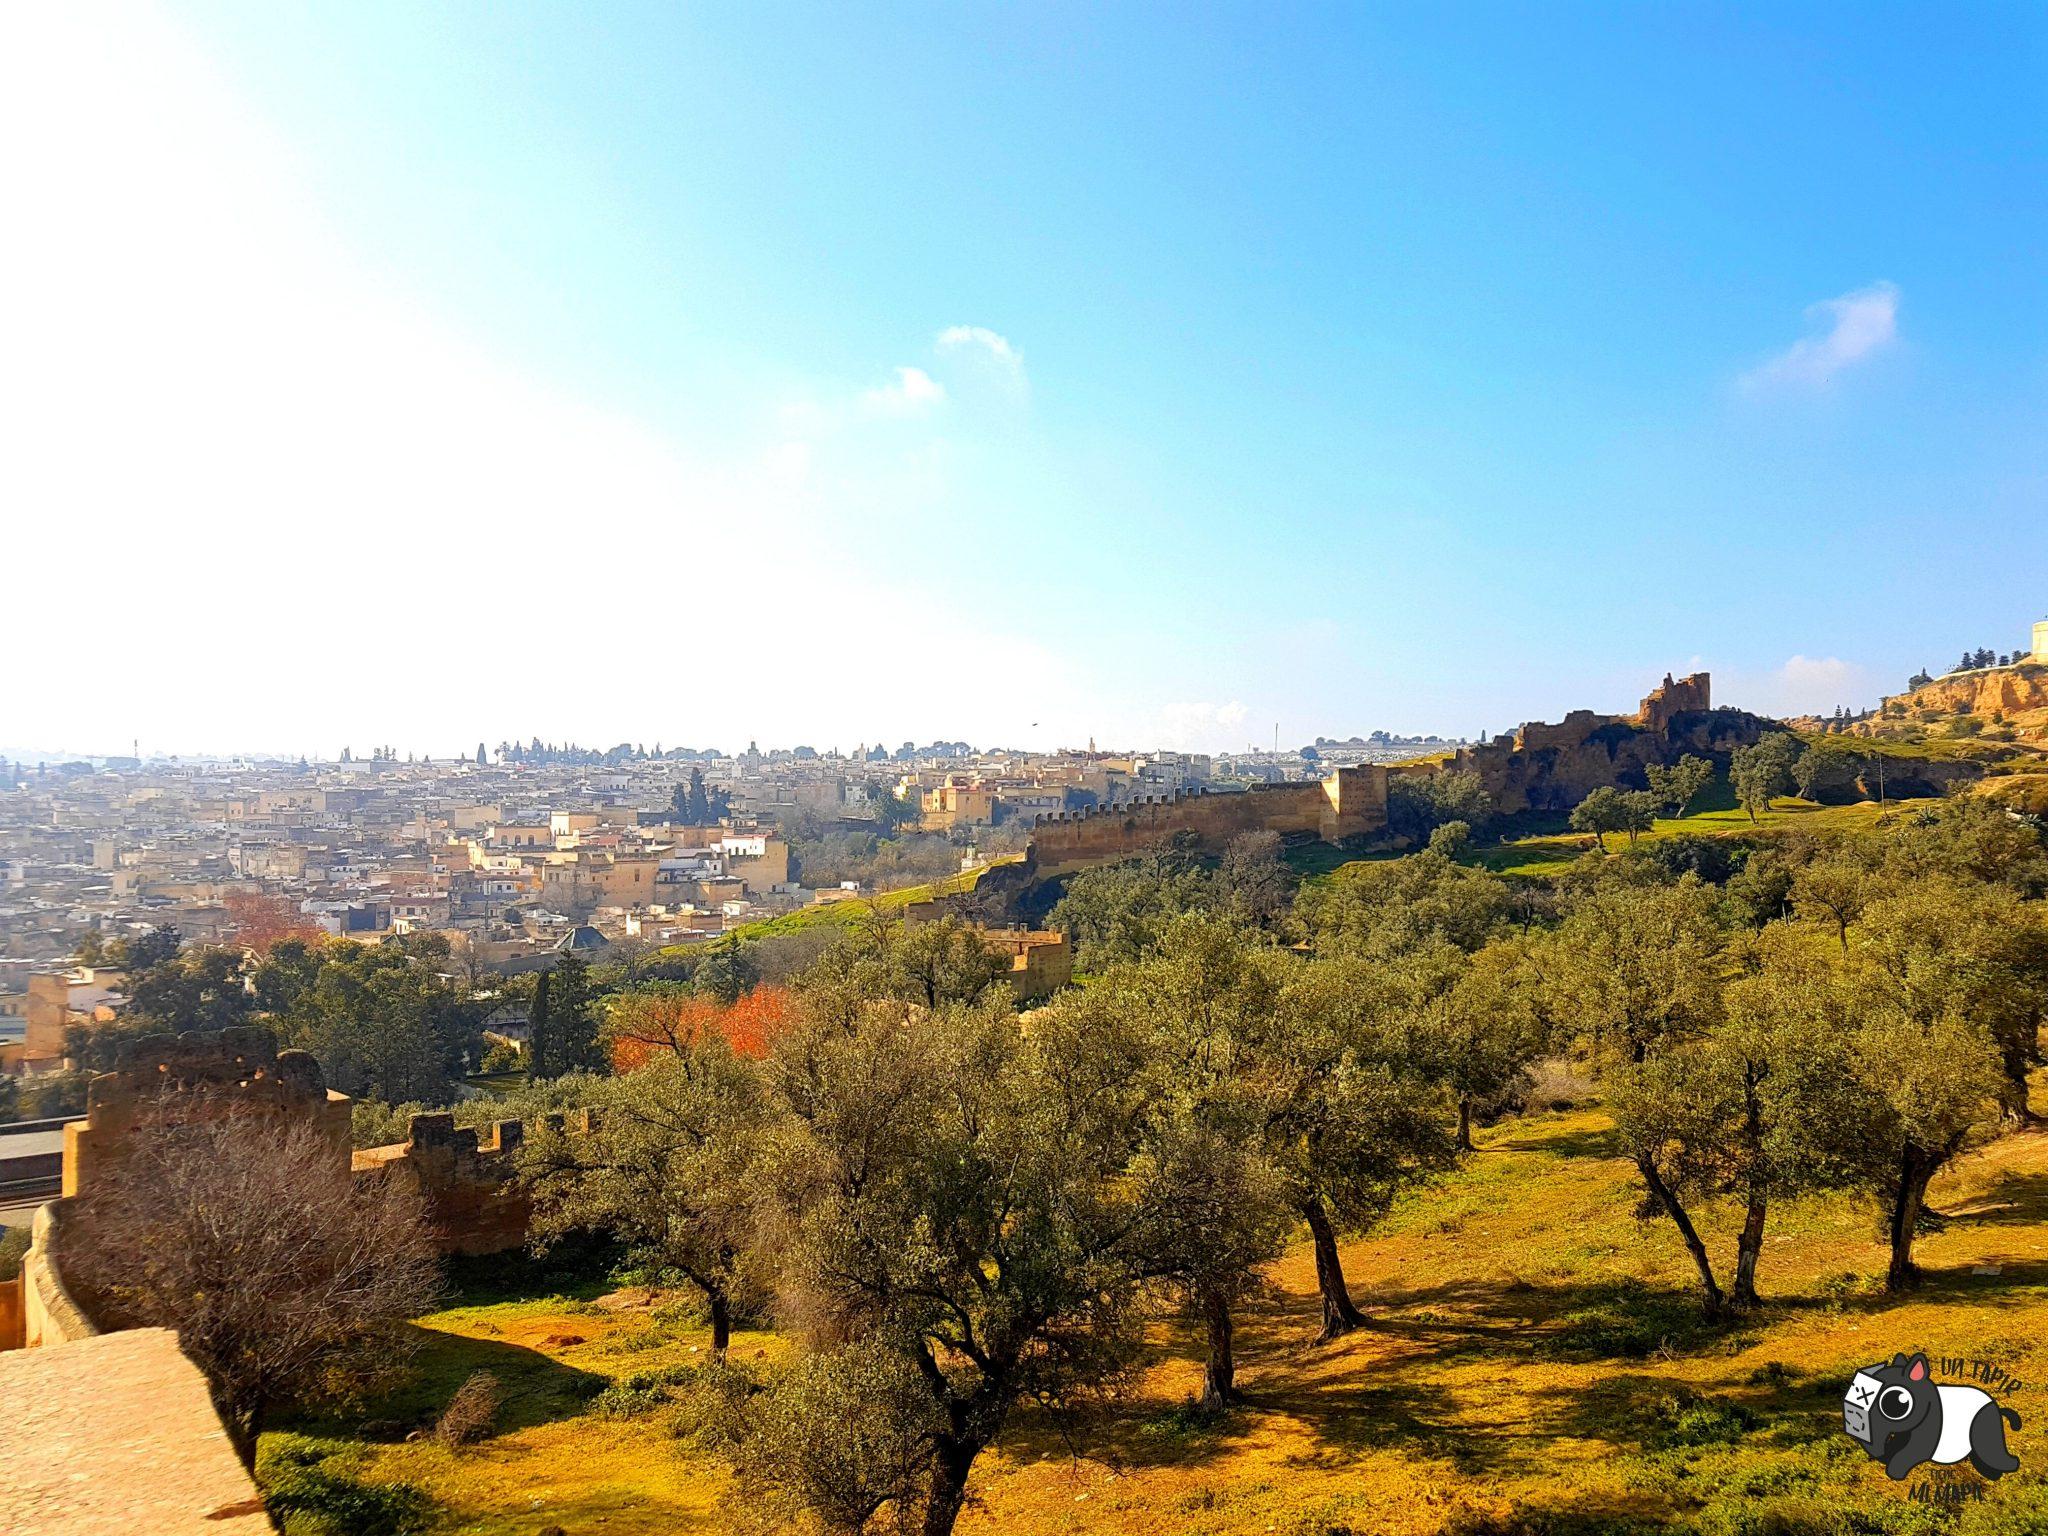 De camino a las Tumbas Meriníes. Vistas de Fez.